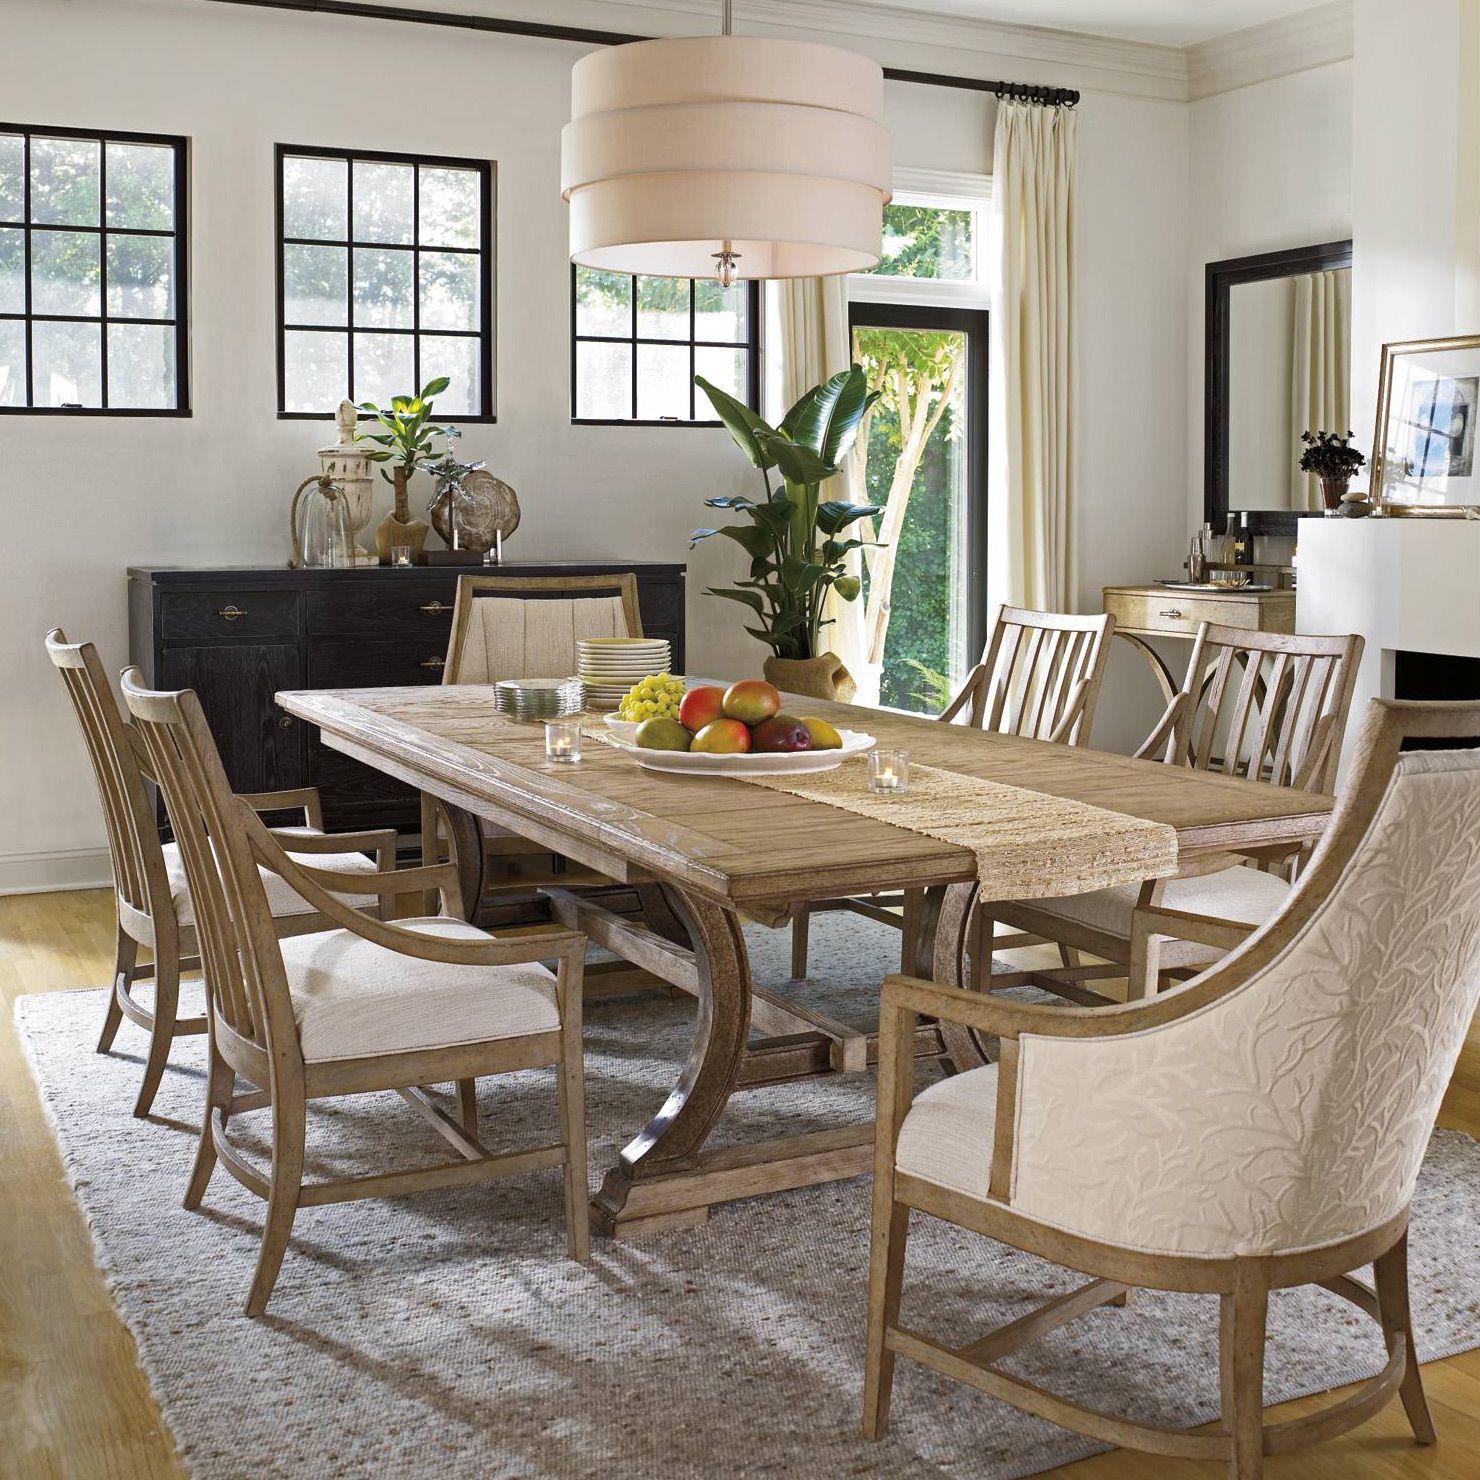 Stanley Furniture Coastal Living Resort Shelter Bay